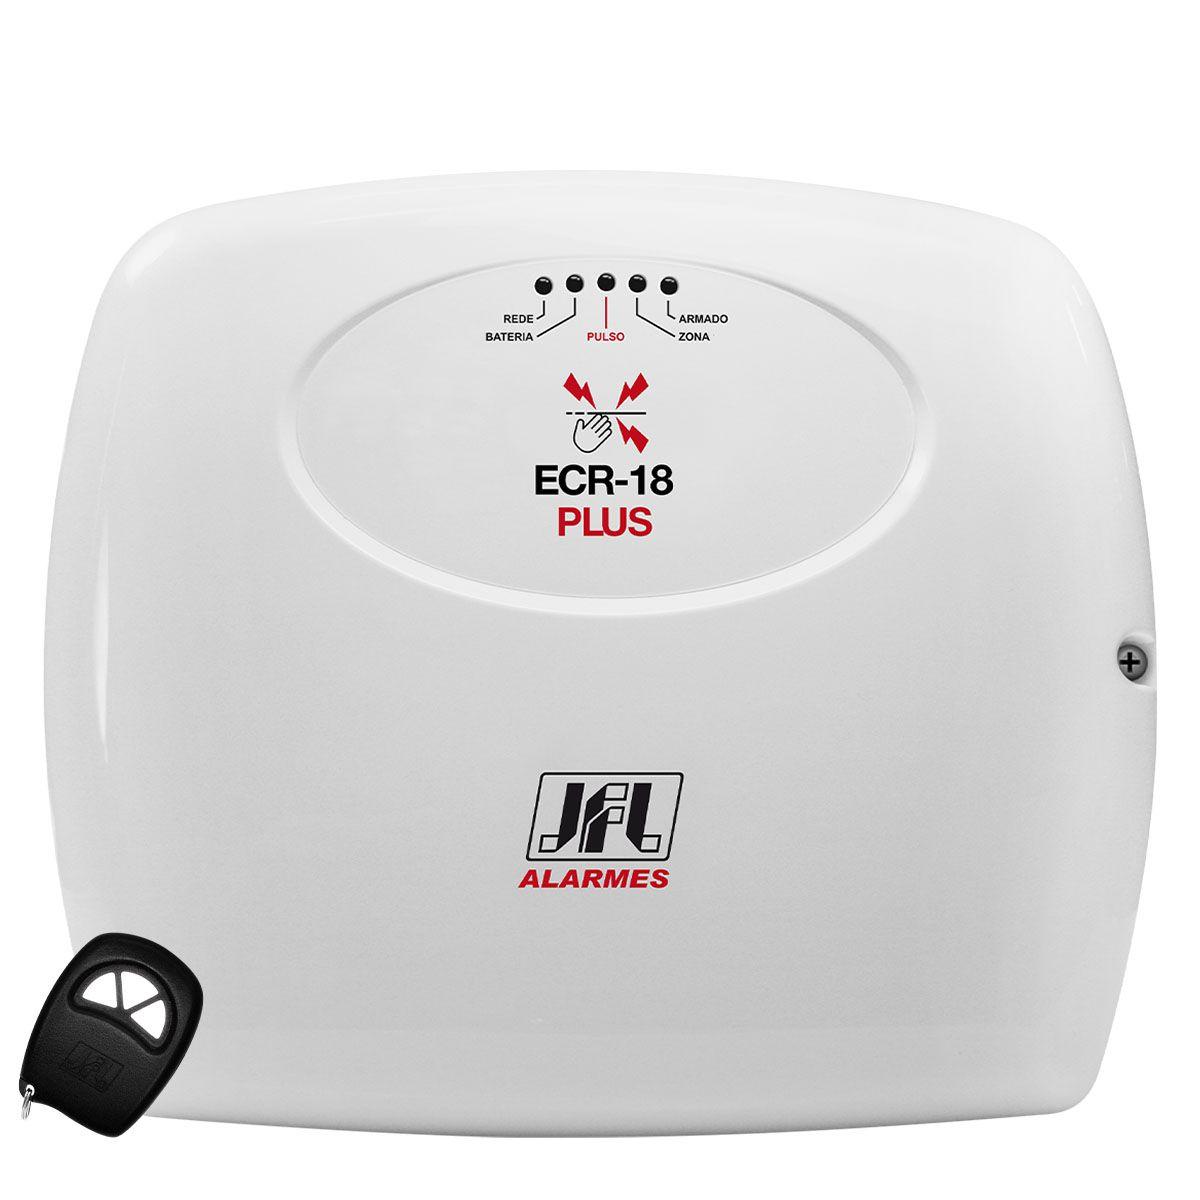 Central De Alarme Ecr 18 Plus Jfl Com Bateria Selada 12v